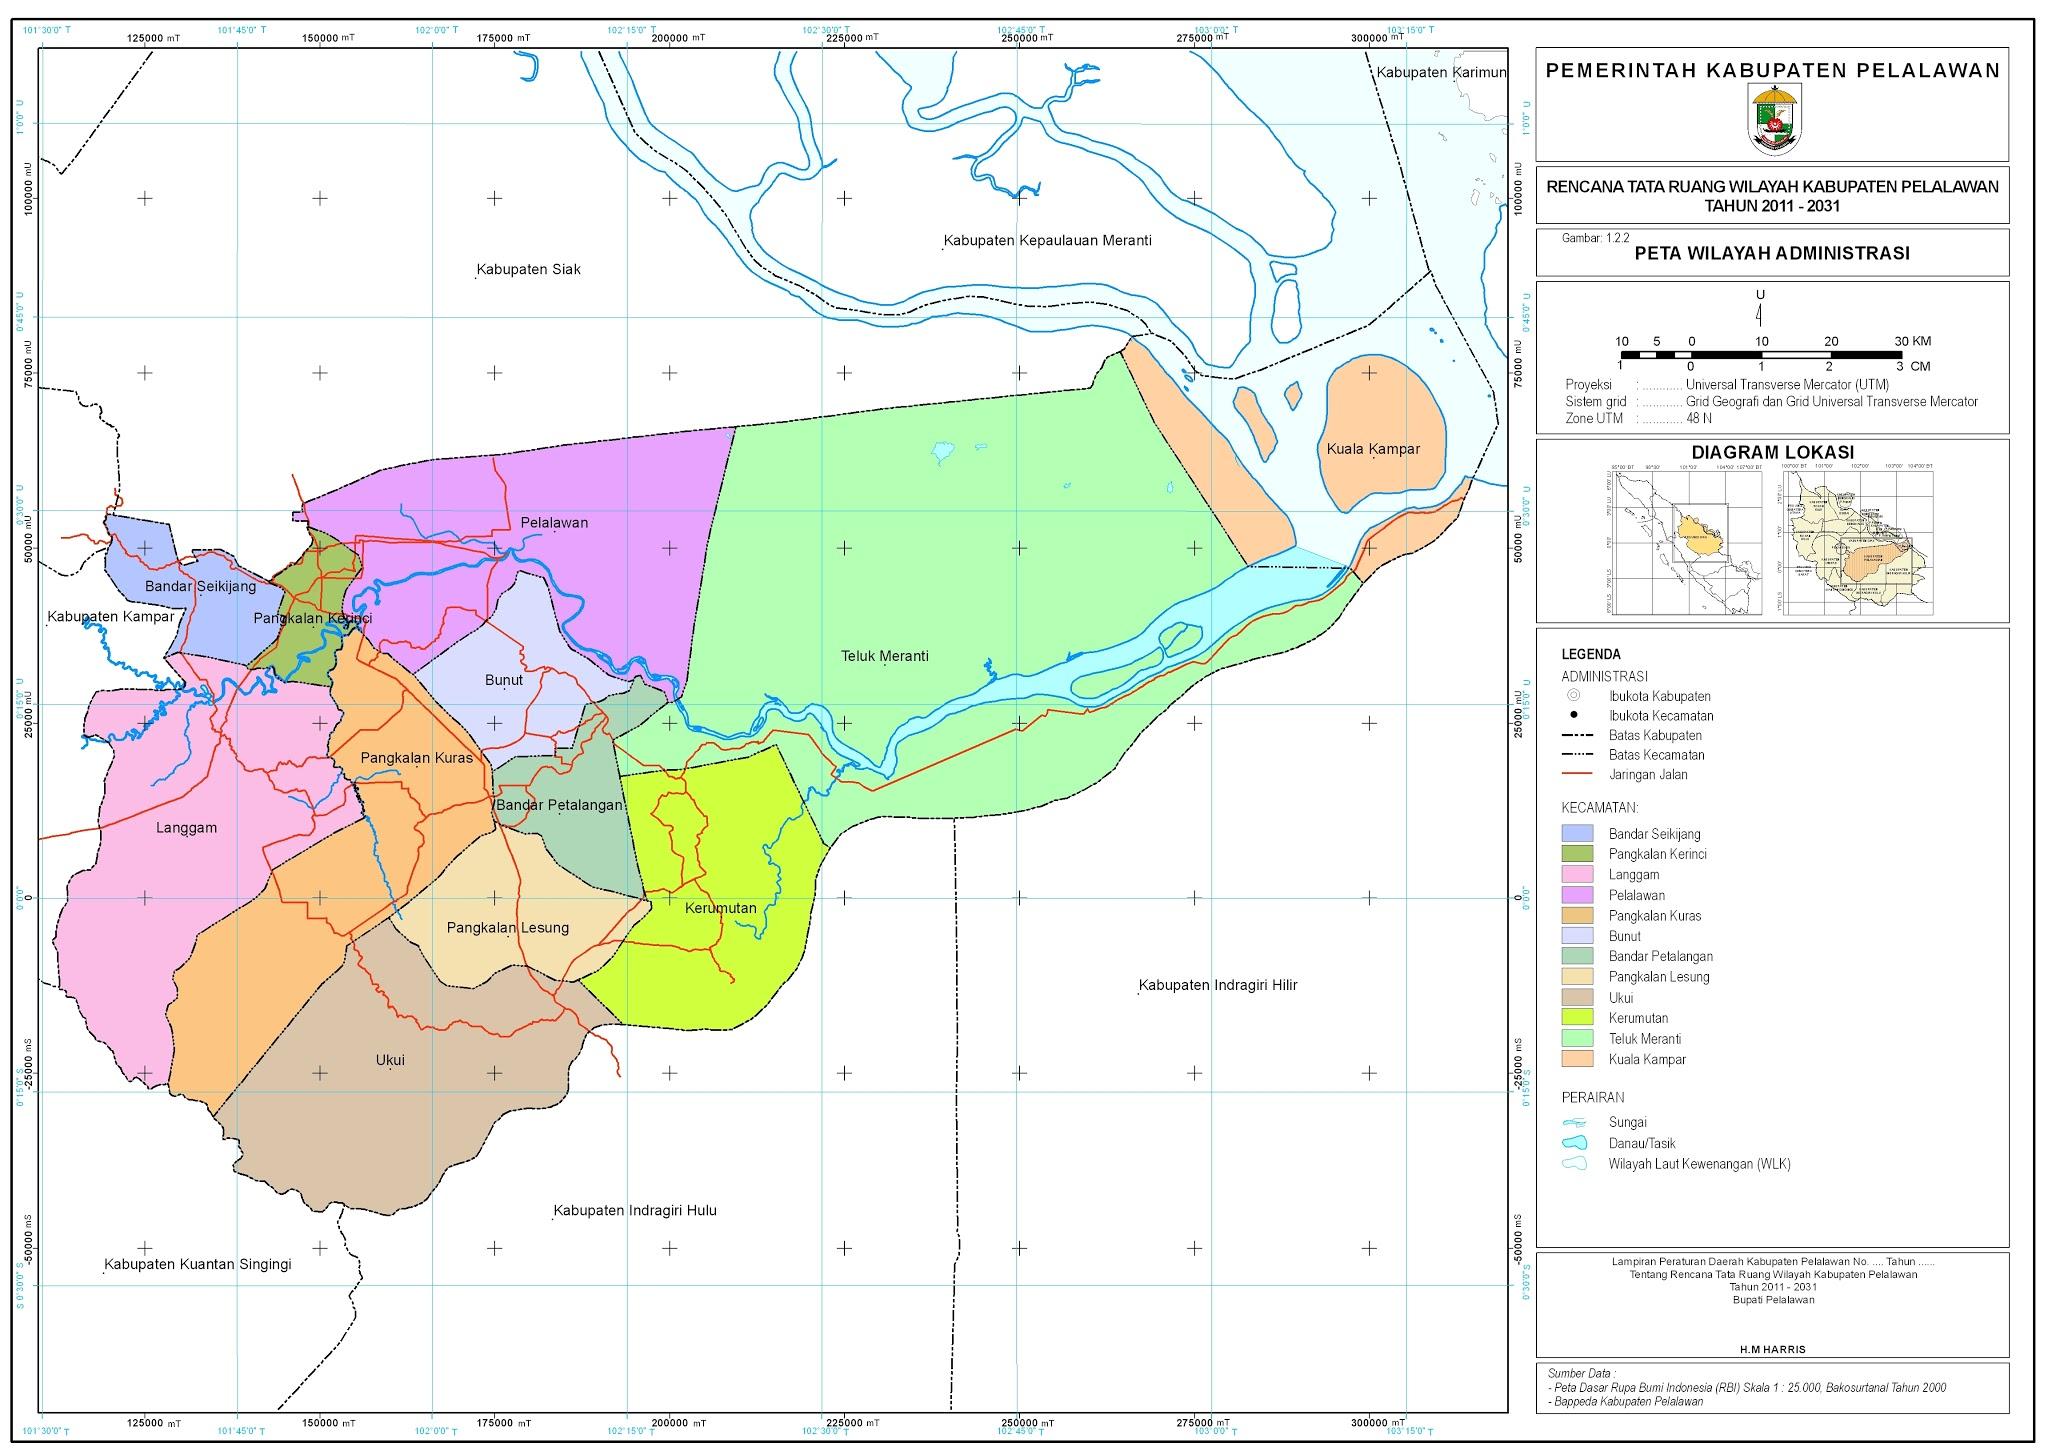 Peta Kota: Peta Kabupaten Pelalawan